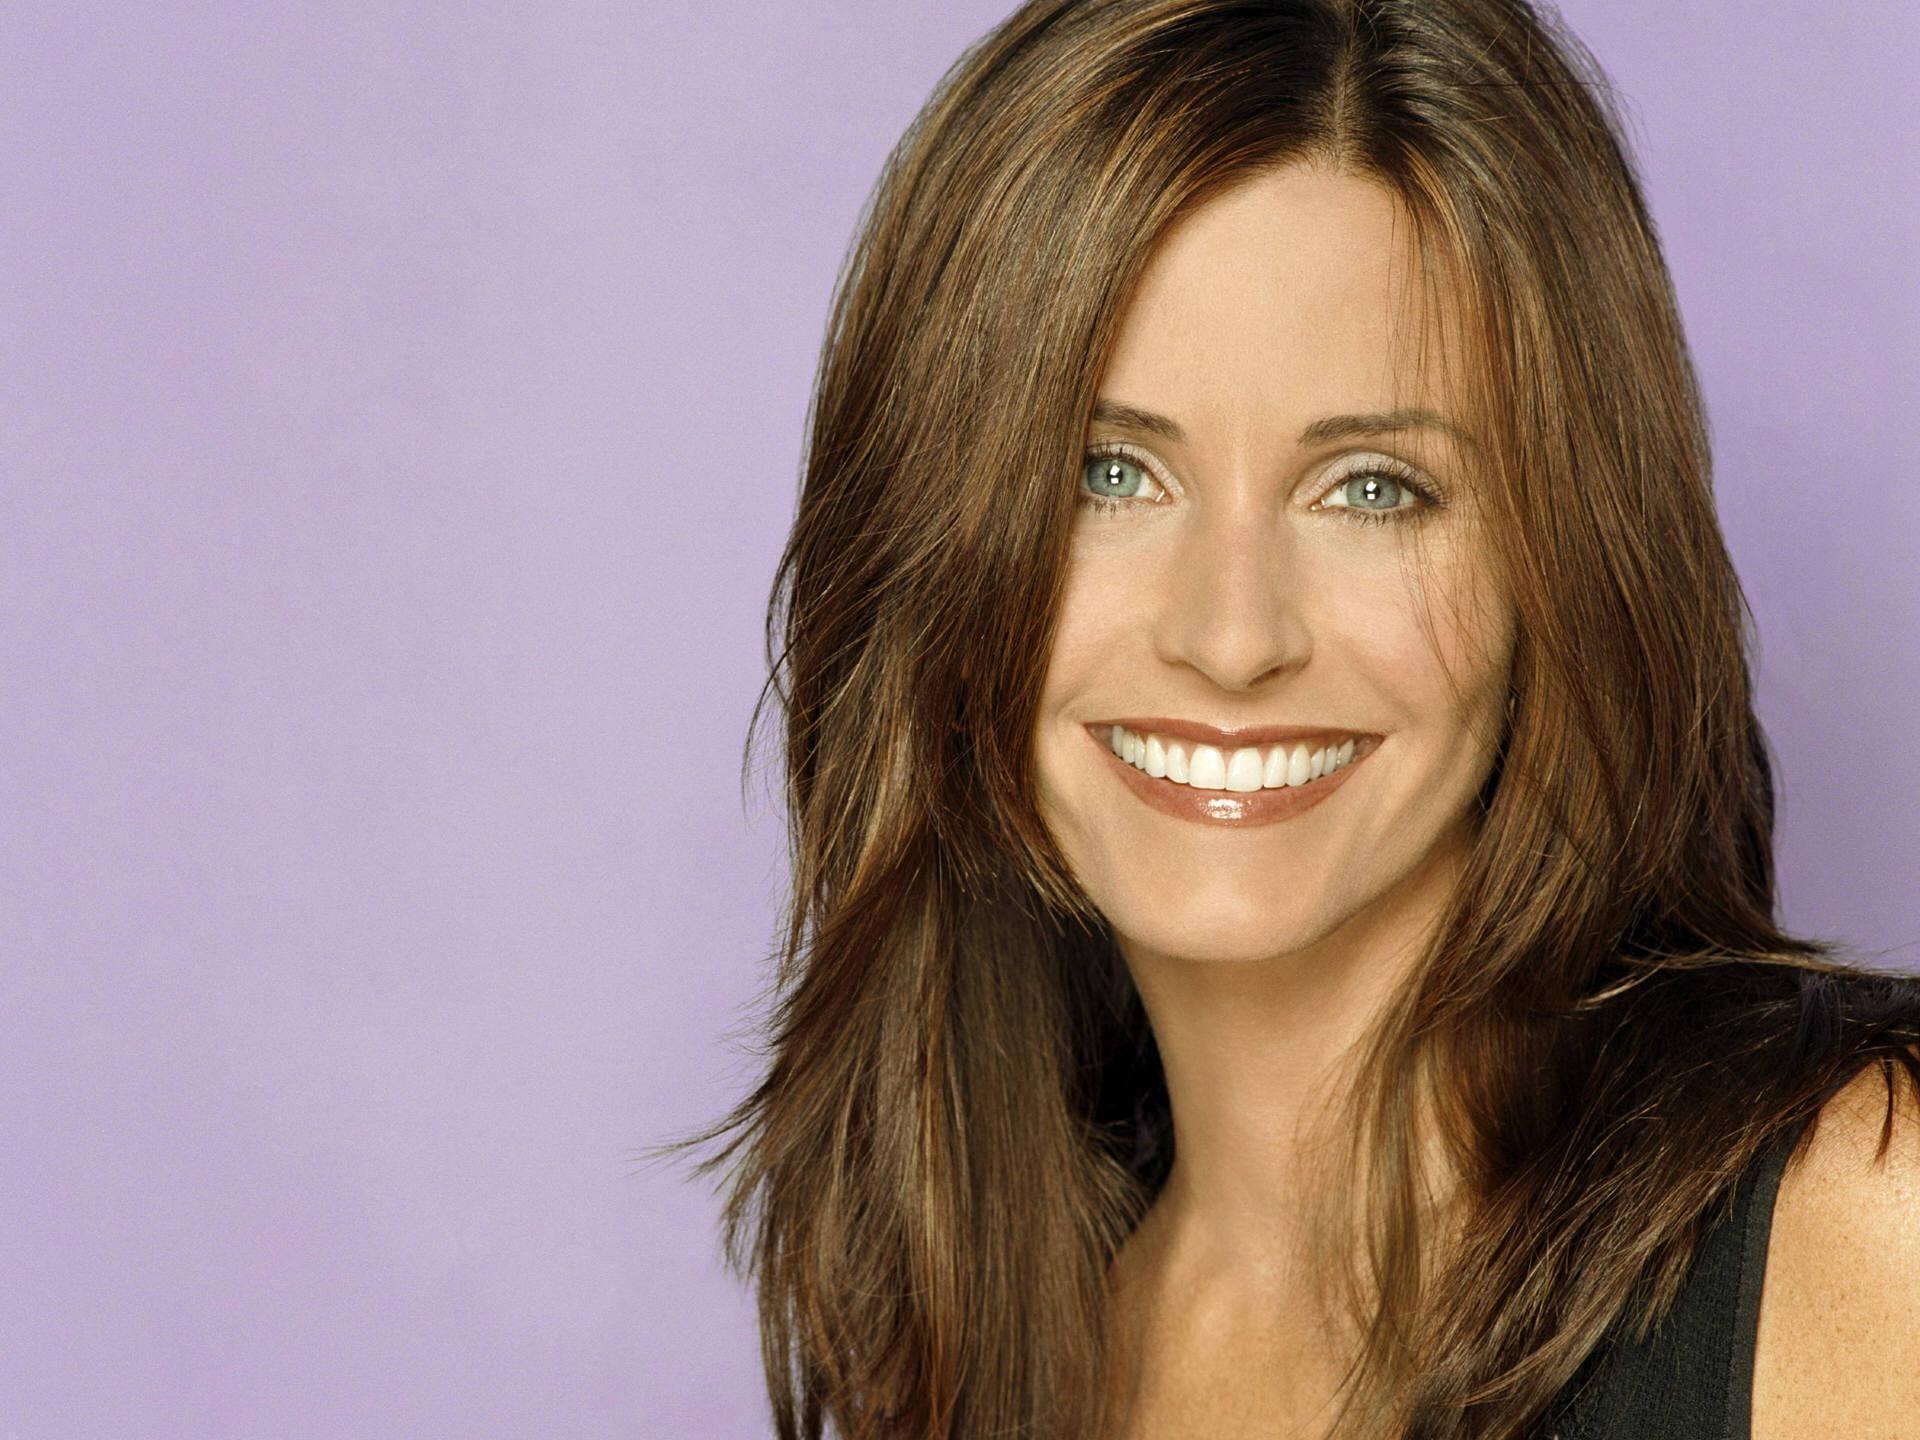 Monica Hair Styles: Monica Geller - Long Layers